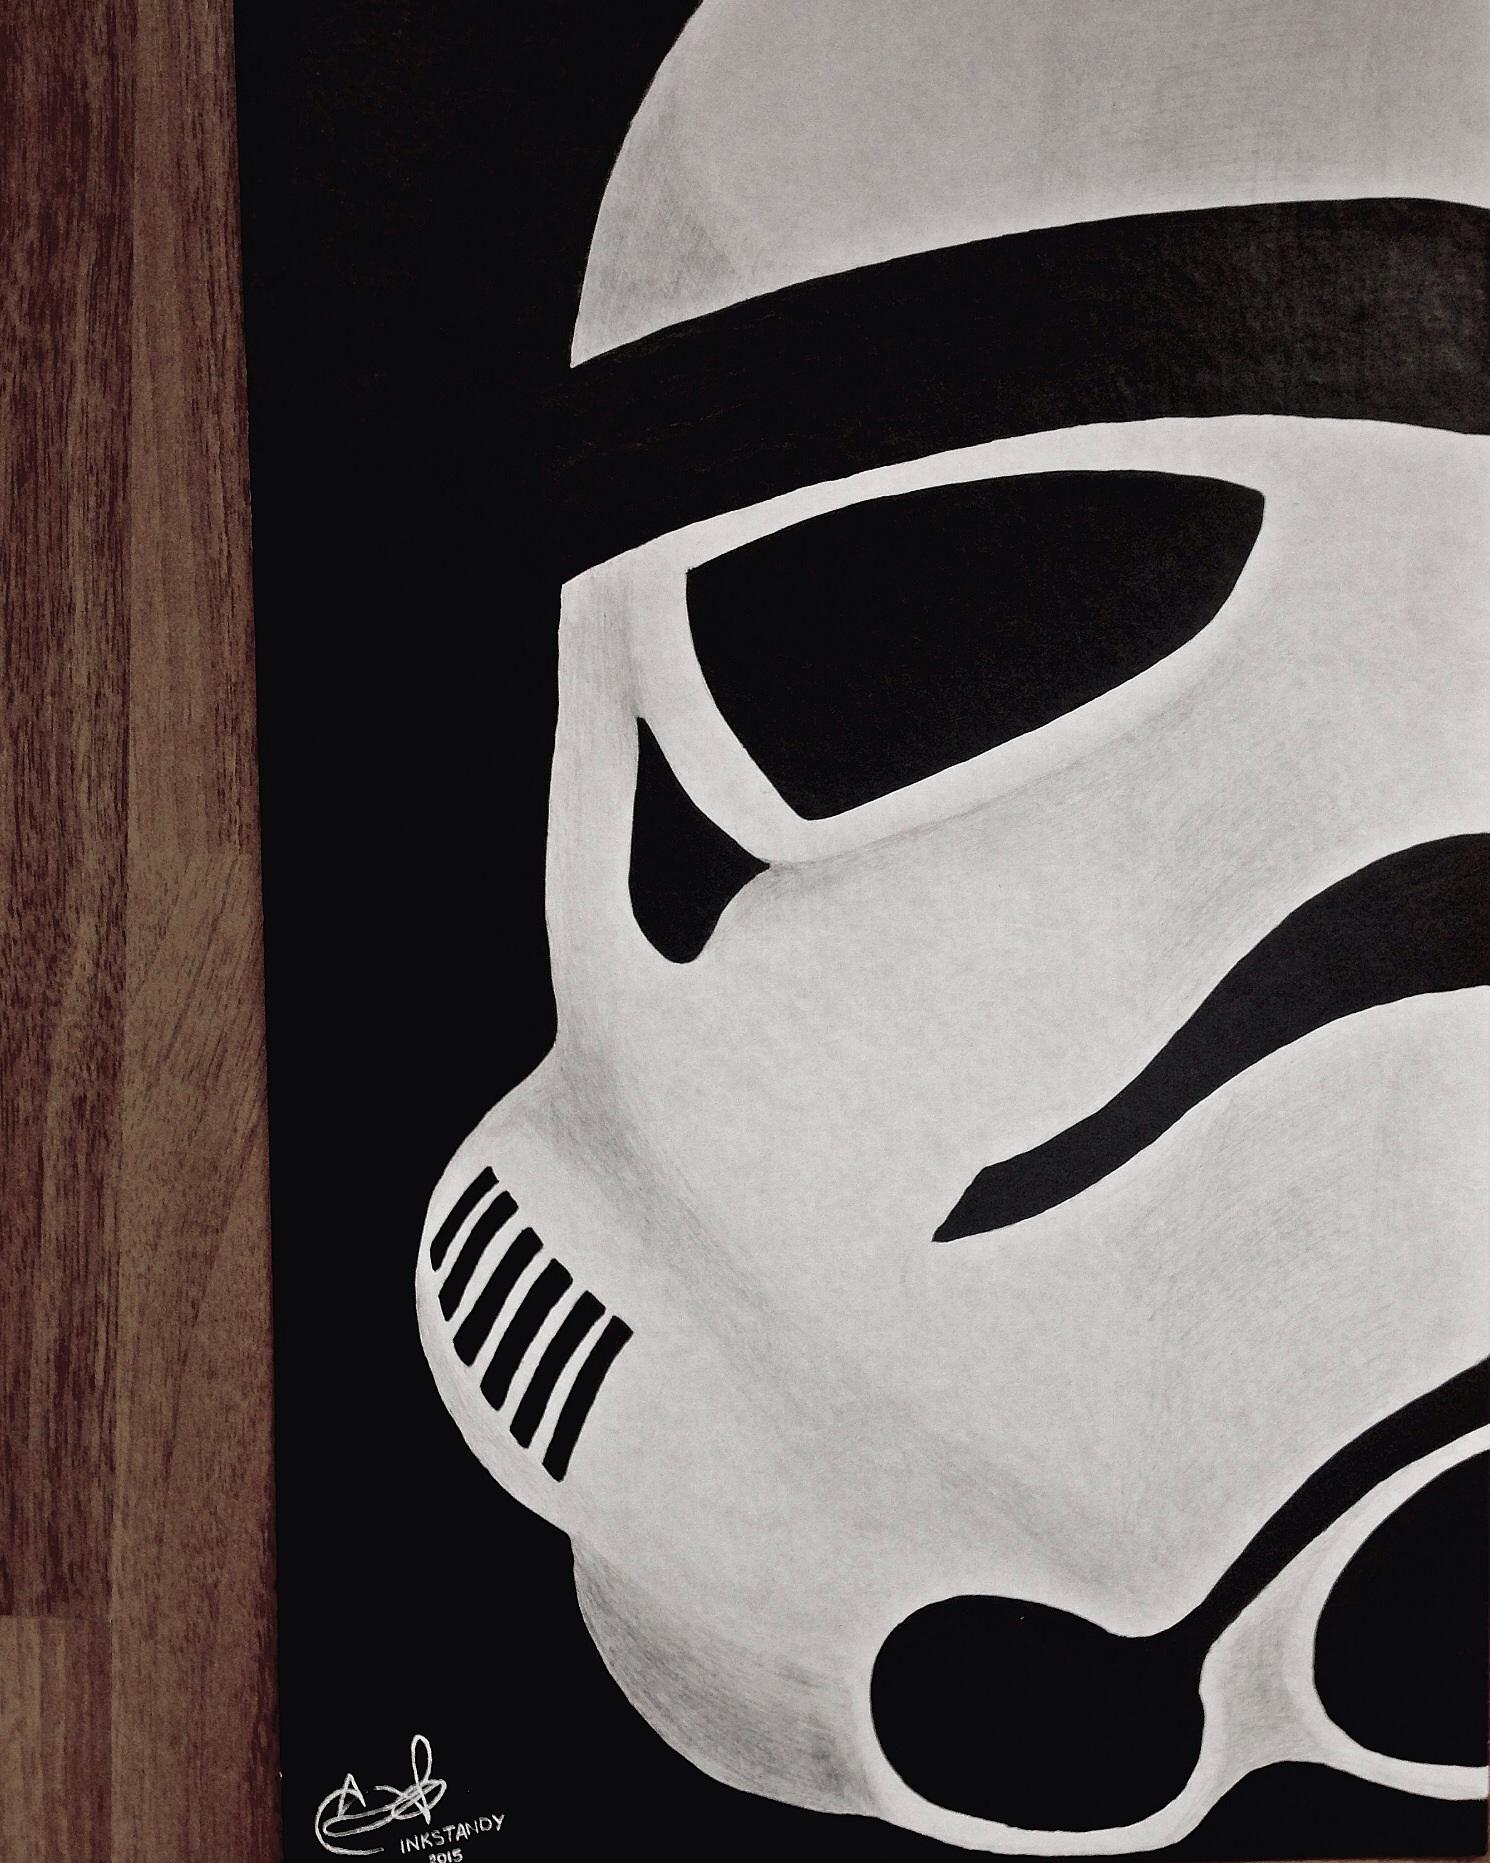 Star Wars Clone Trooper fan art by Inkstandy